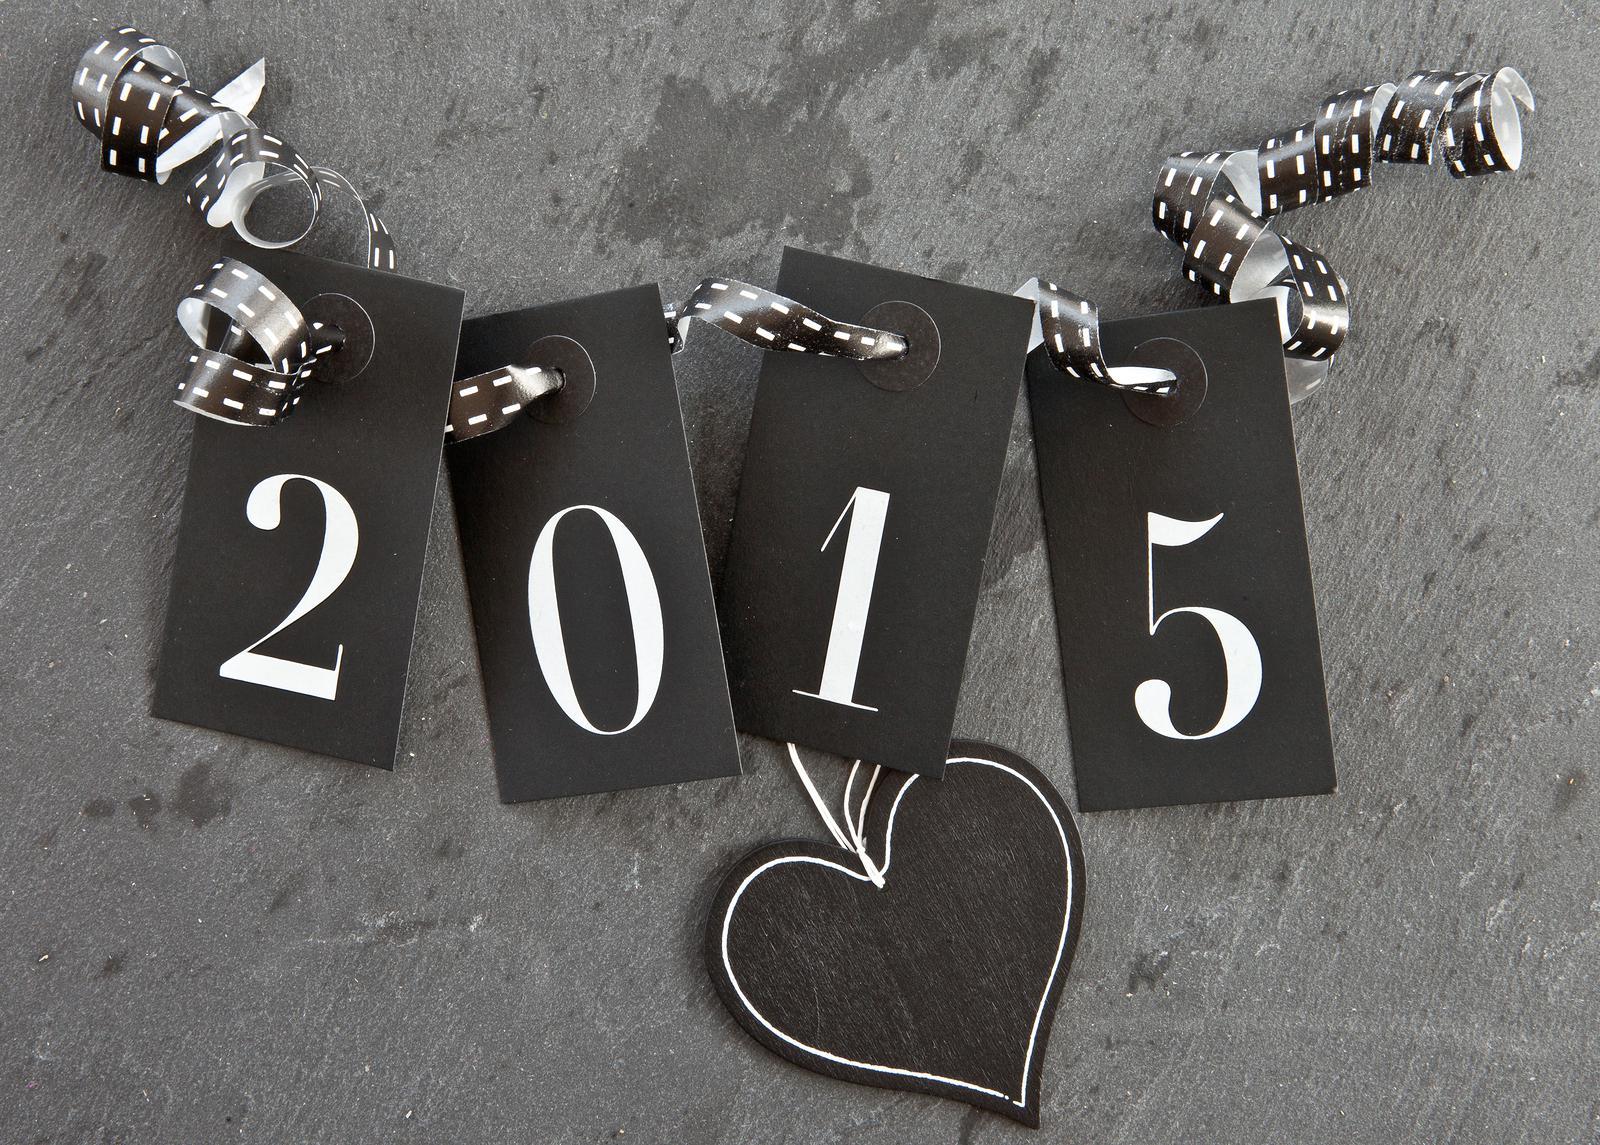 صور 2015